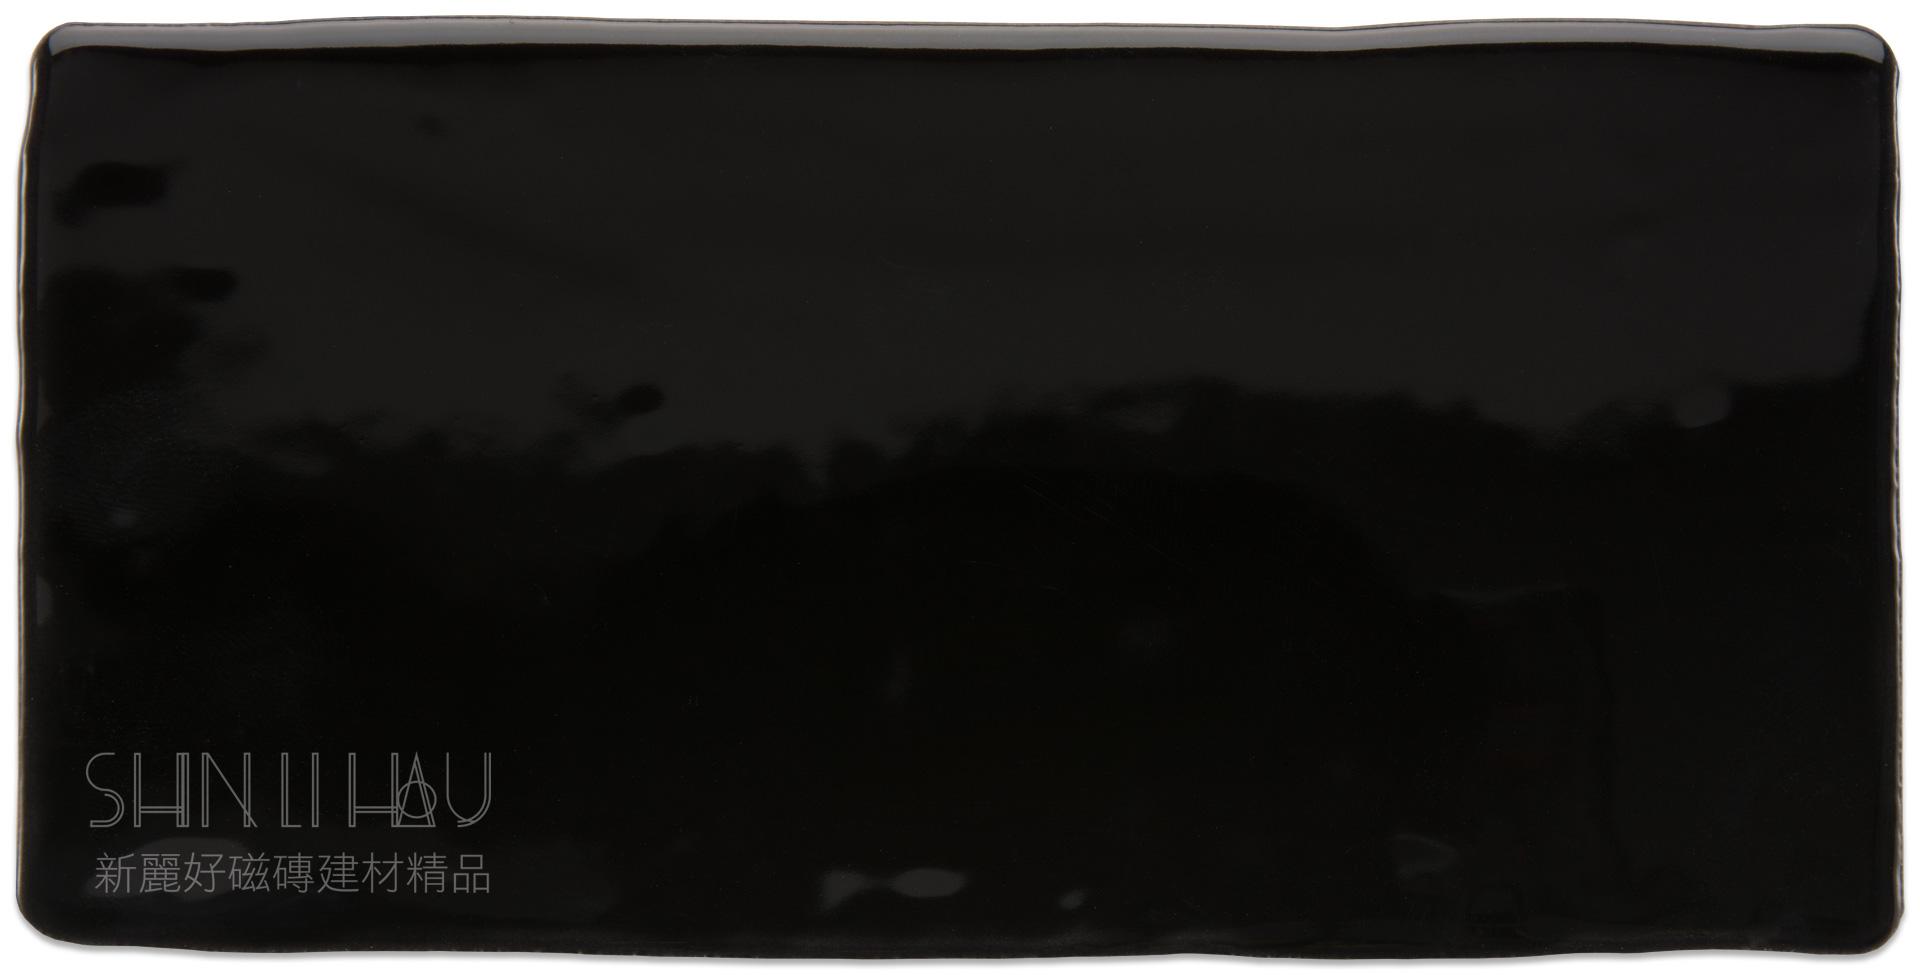 沉韻 復古邊地鐵磚 - 宙空黑